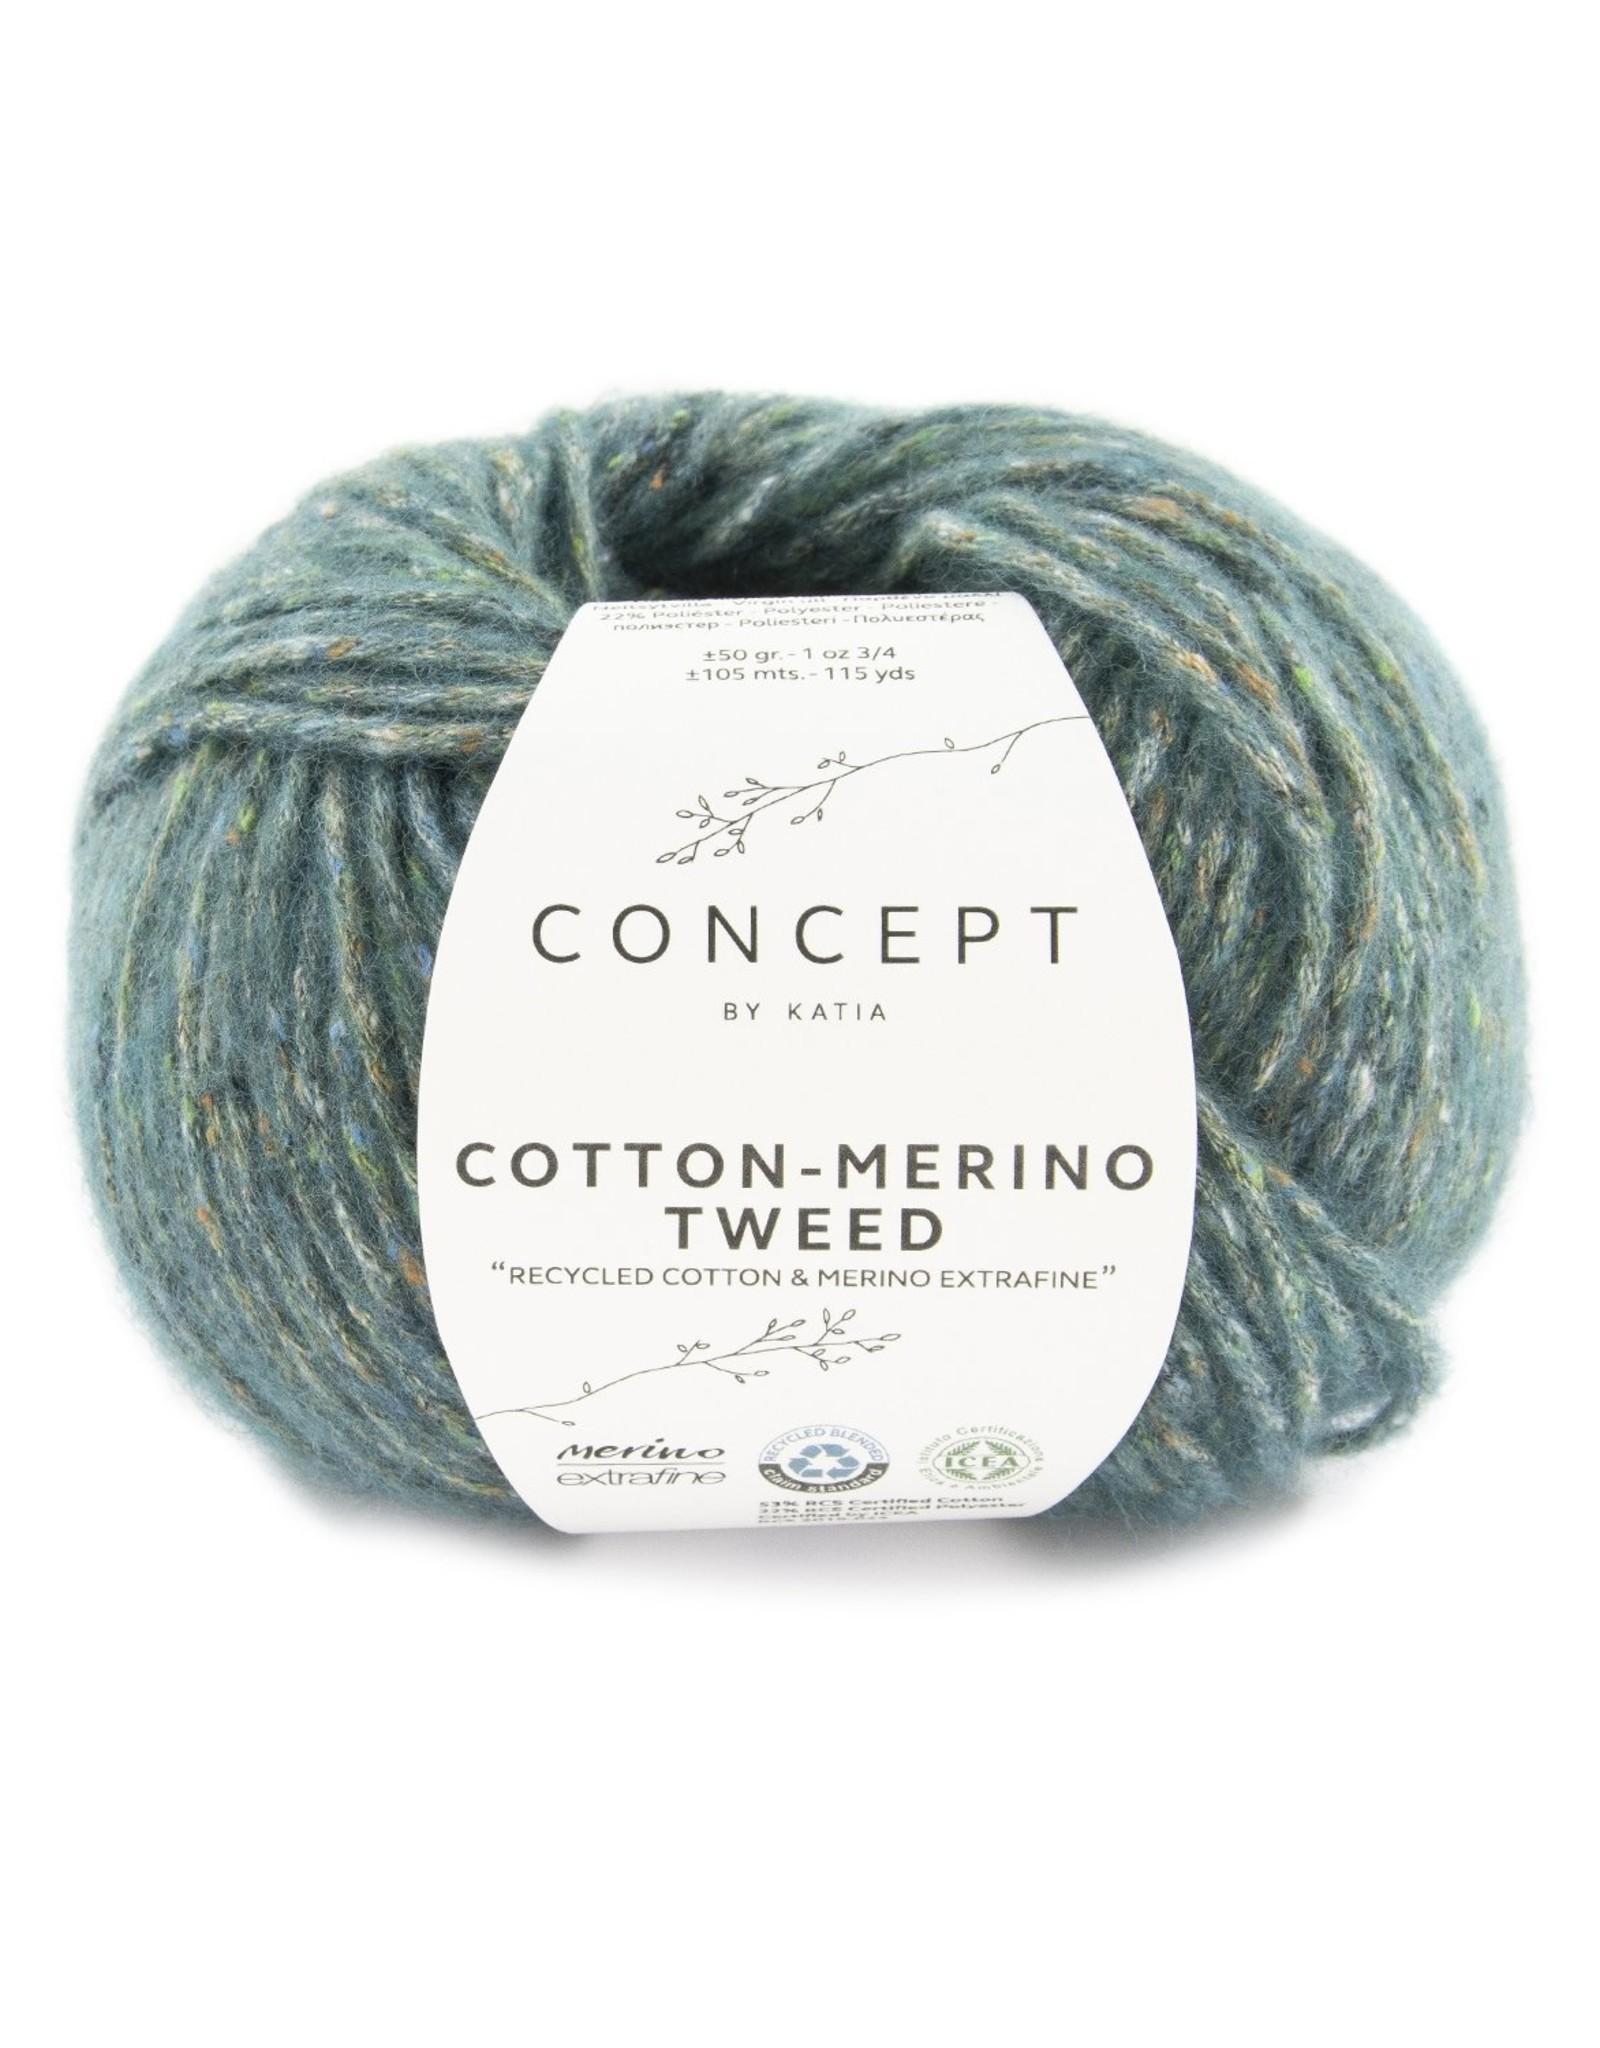 Concept Cotton Merino Tweed